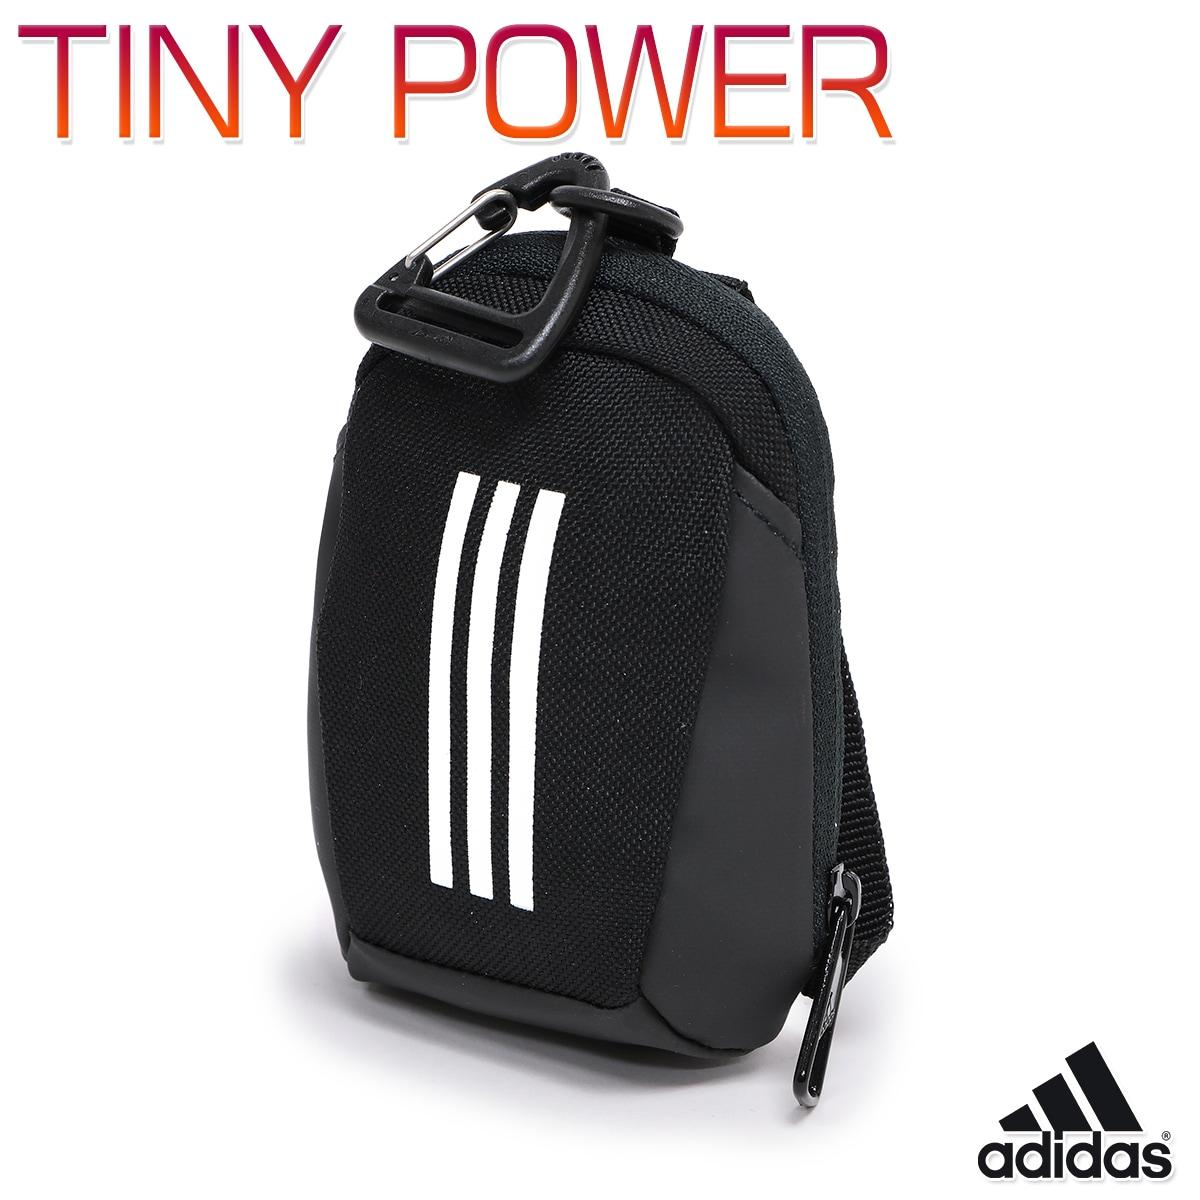 アディダス TINY POWER キッズ/子供/メンズ/レディース ポーチ ブラック W約7.5cm×H約11cm×D約3cm IEV91